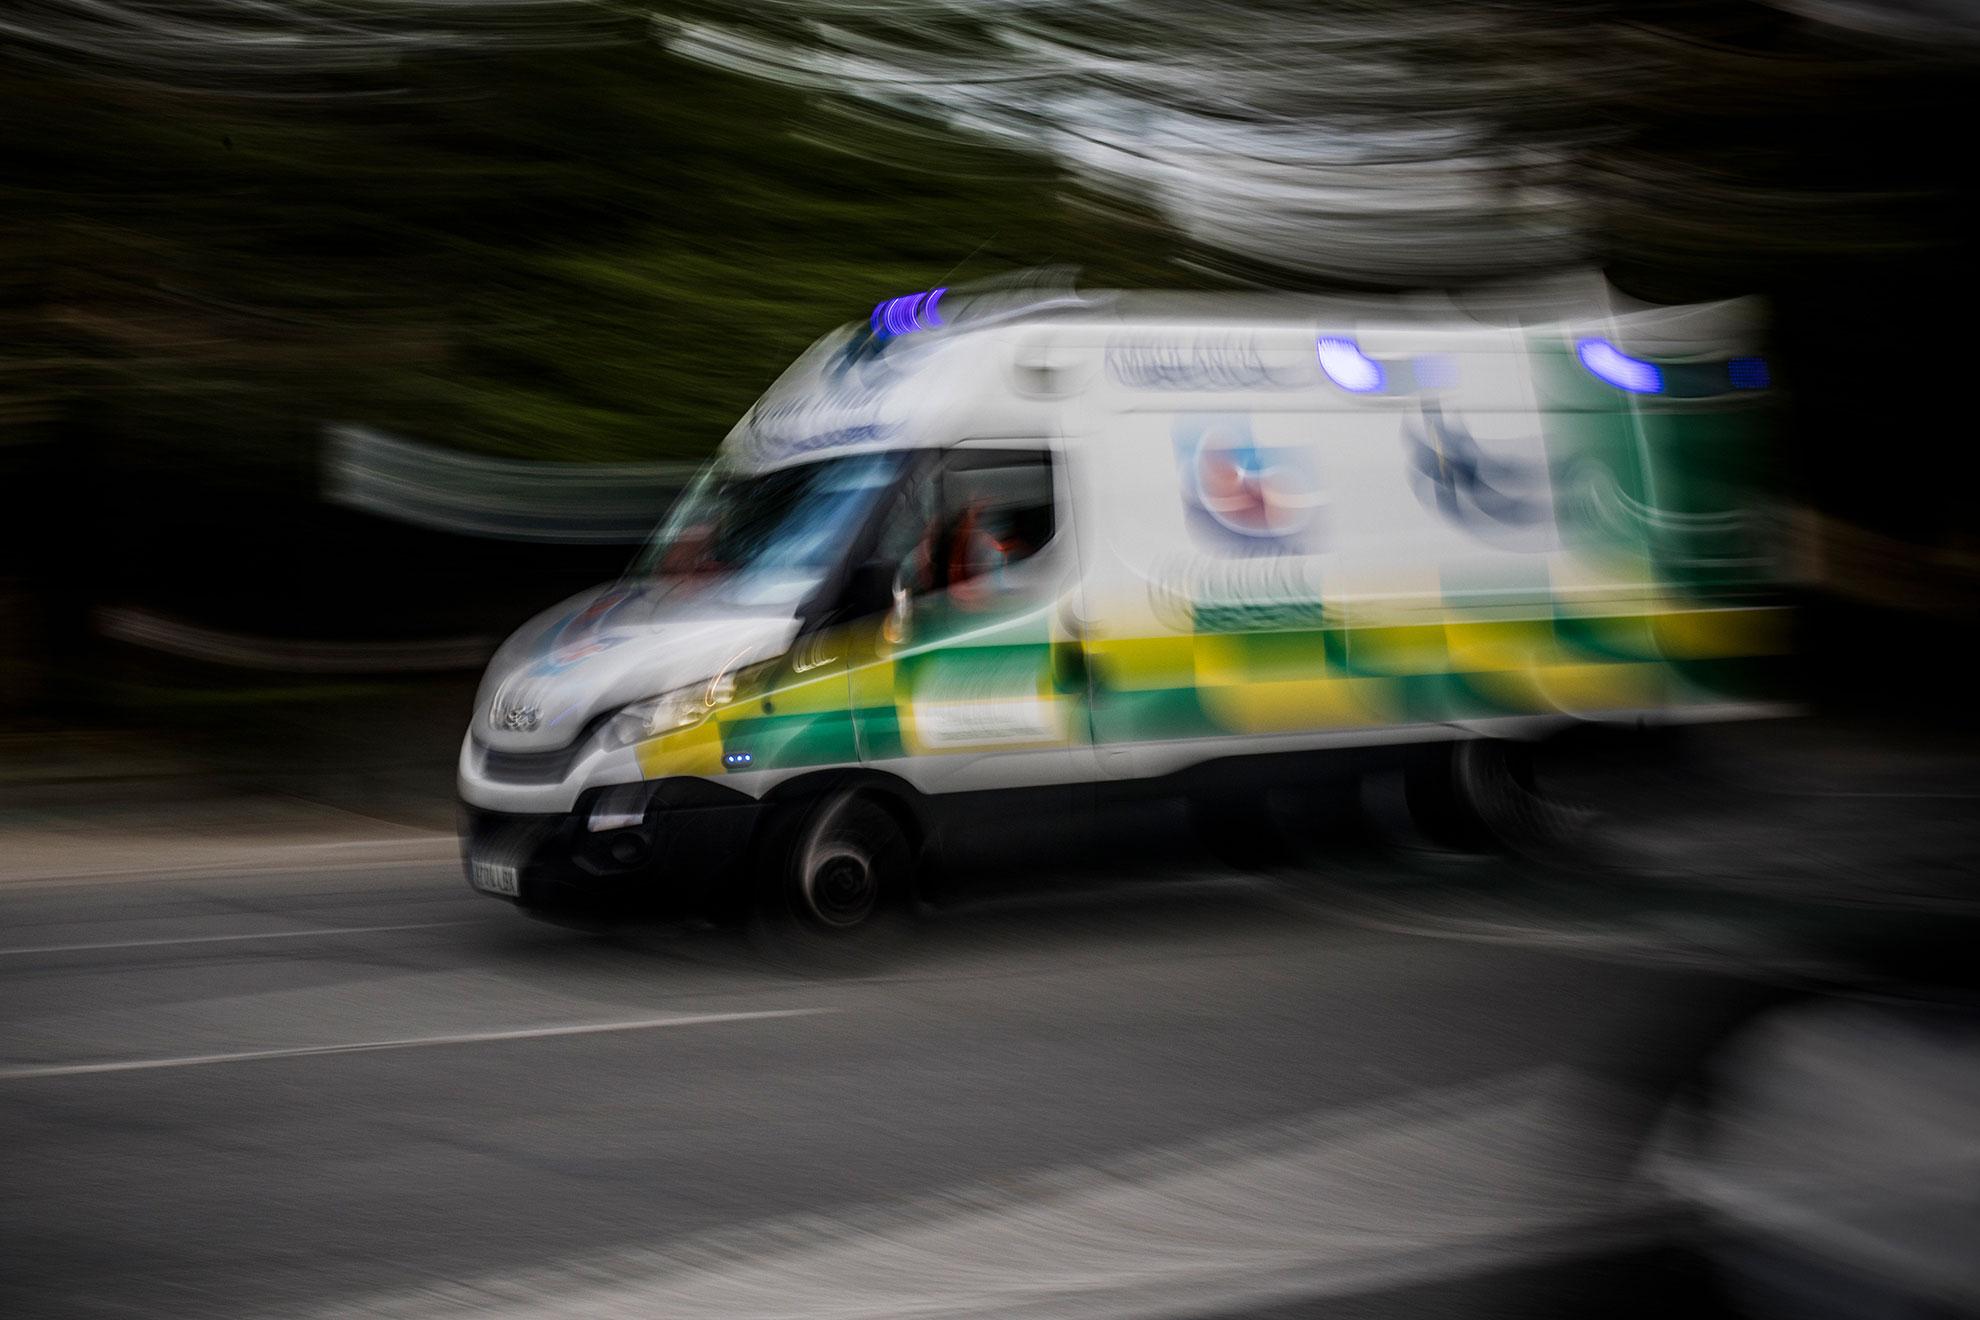 Una ambulancia recorre una avenida de Sevilla a gran velocidad el pasado Domingo de Ramos. Andalucía sumó este día 432 nuevos positivos por coronavirus, lo que supone que la comunidad alcanza los 8.301 casos, siendo el número de muertos por la pandemia vírica de 470 personas.